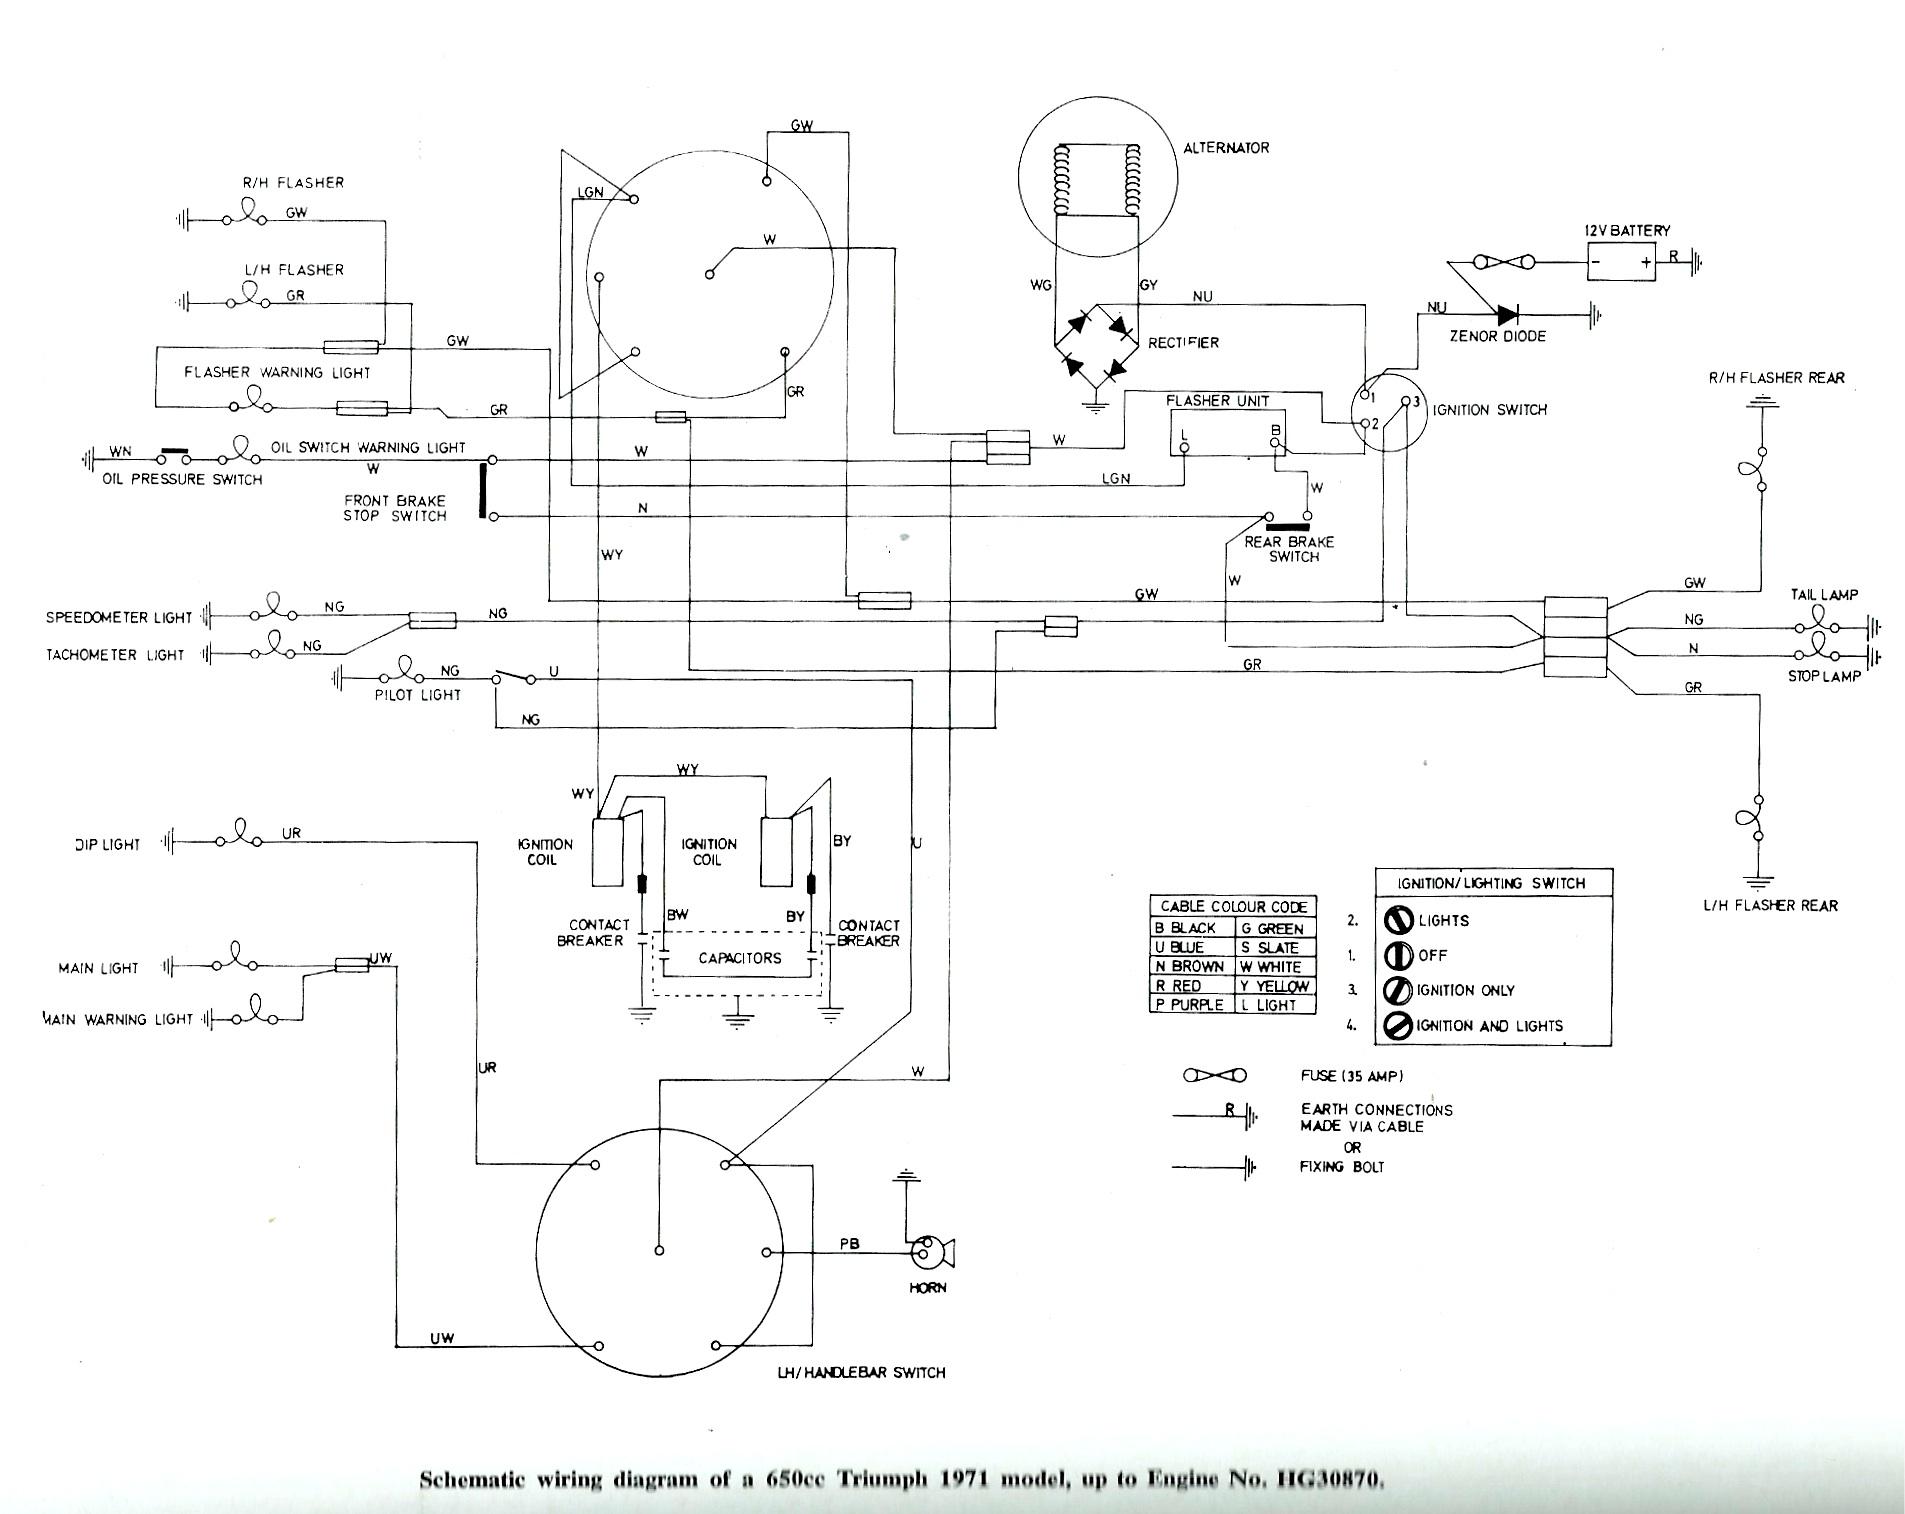 1972 triumph bonneville wiring diagram 2002 jeep liberty 2013 scrambler 37